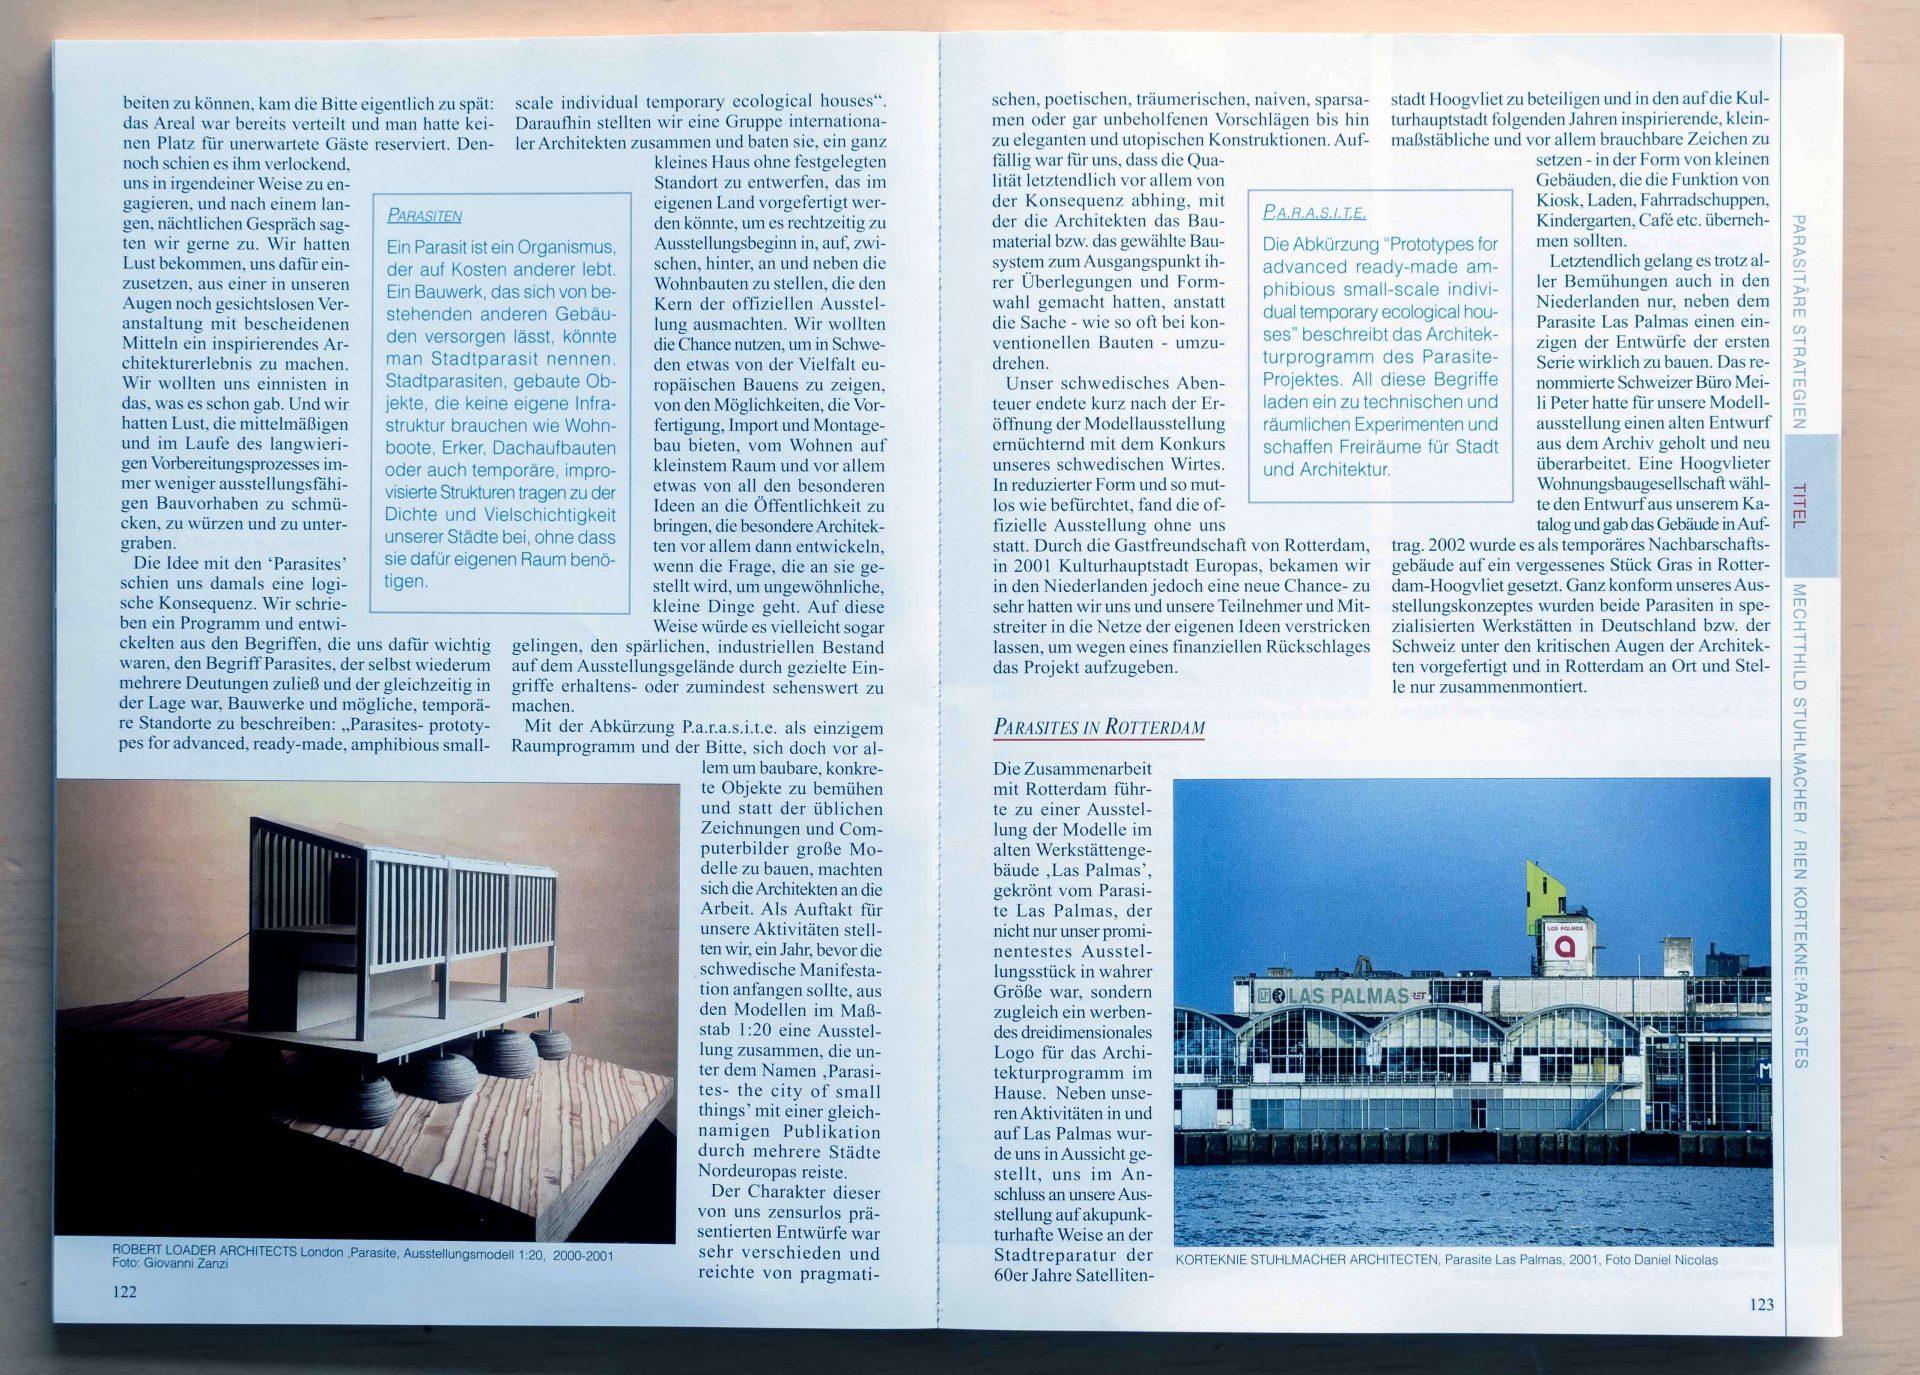 Kunstforum 2 Dsc 4851